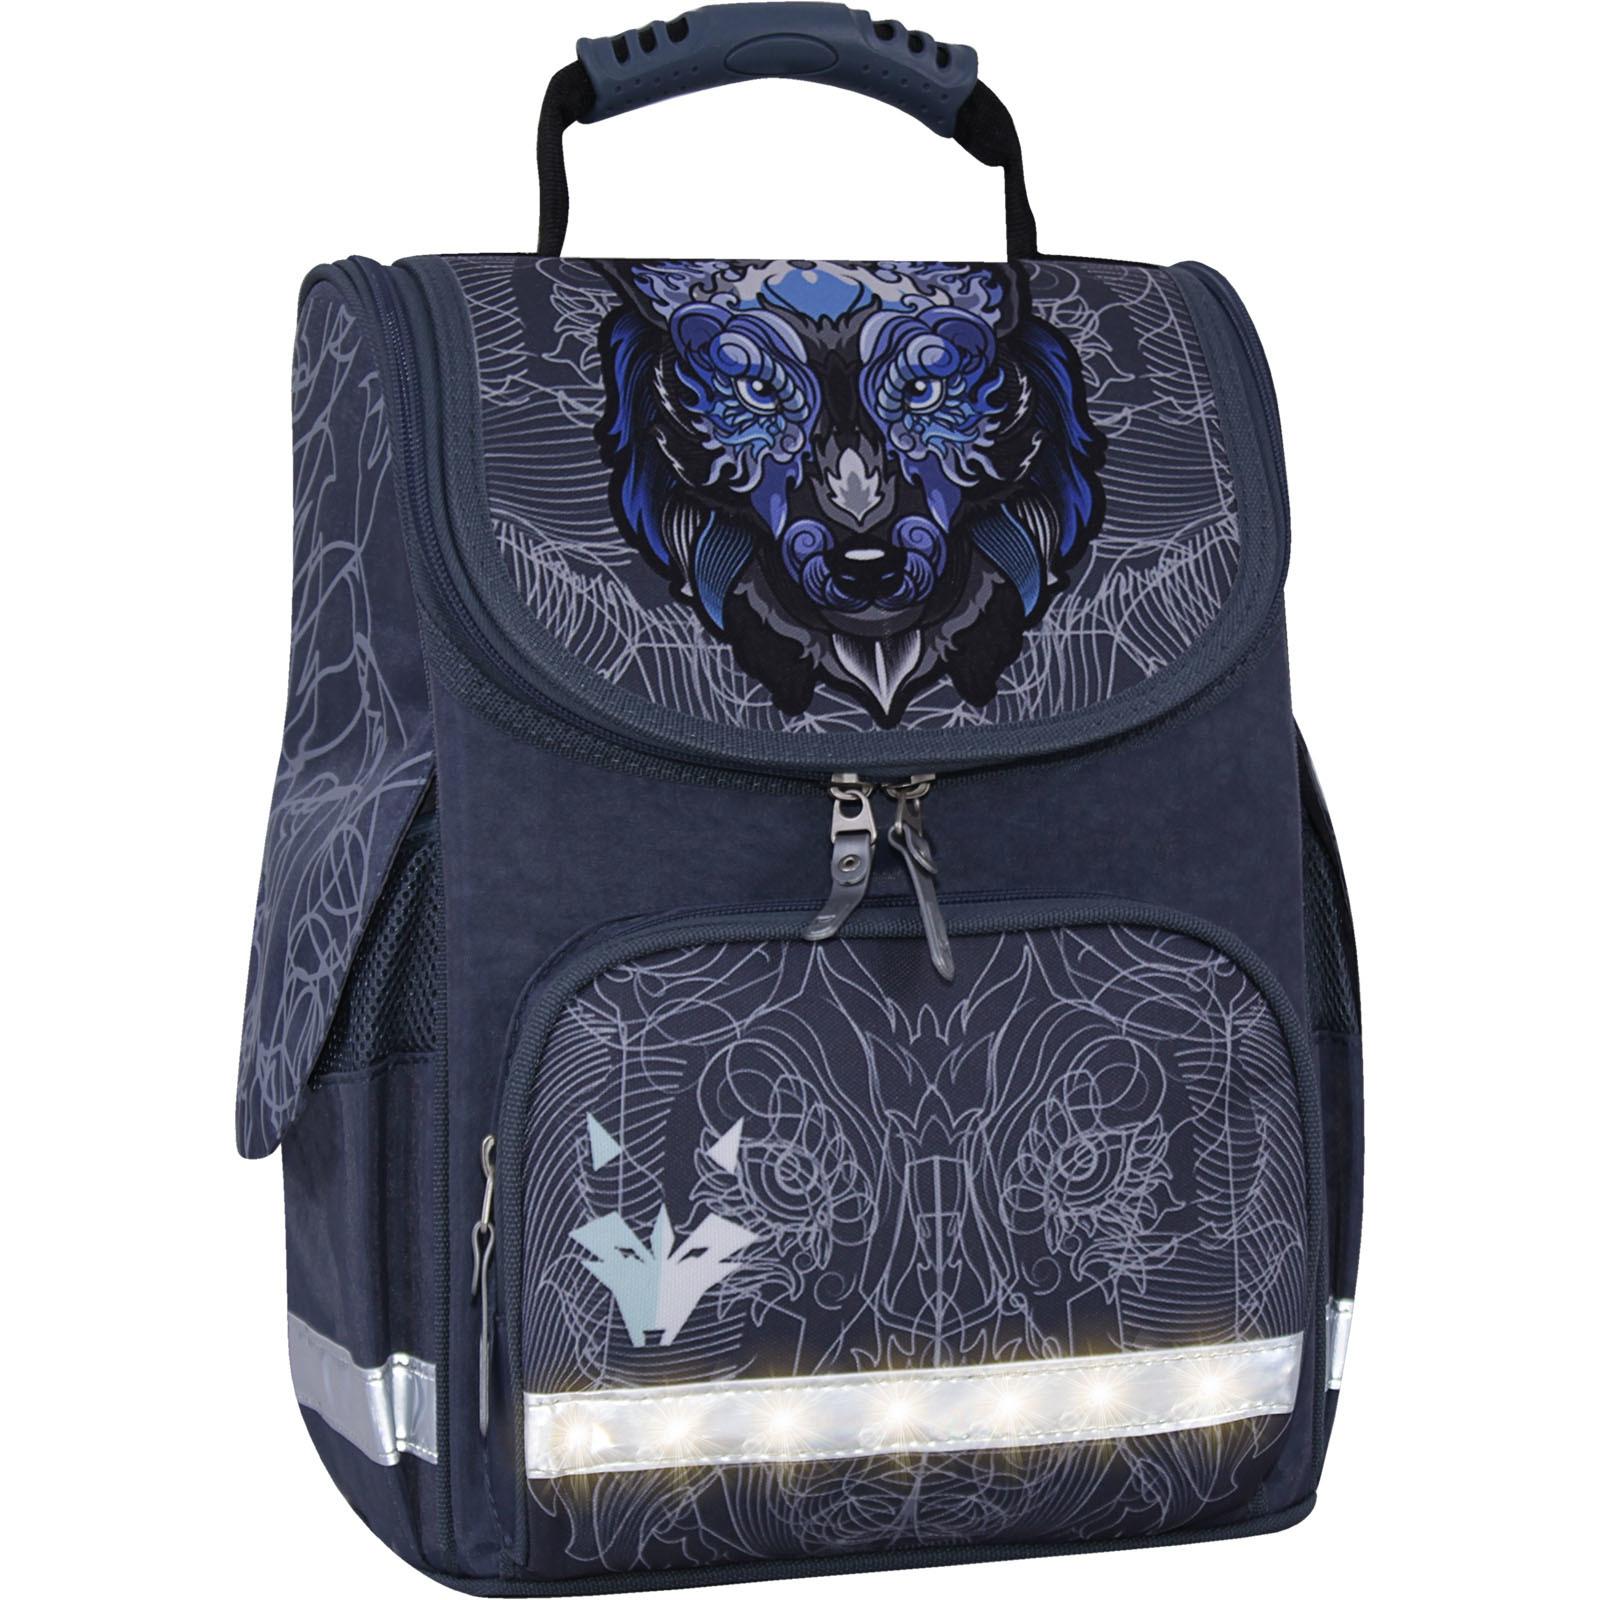 Школьные рюкзаки Рюкзак школьный каркасный с фонариками Bagland Успех 12 л. серый 506 (00551703) IMG_3847свет.суб506-1600.jpg